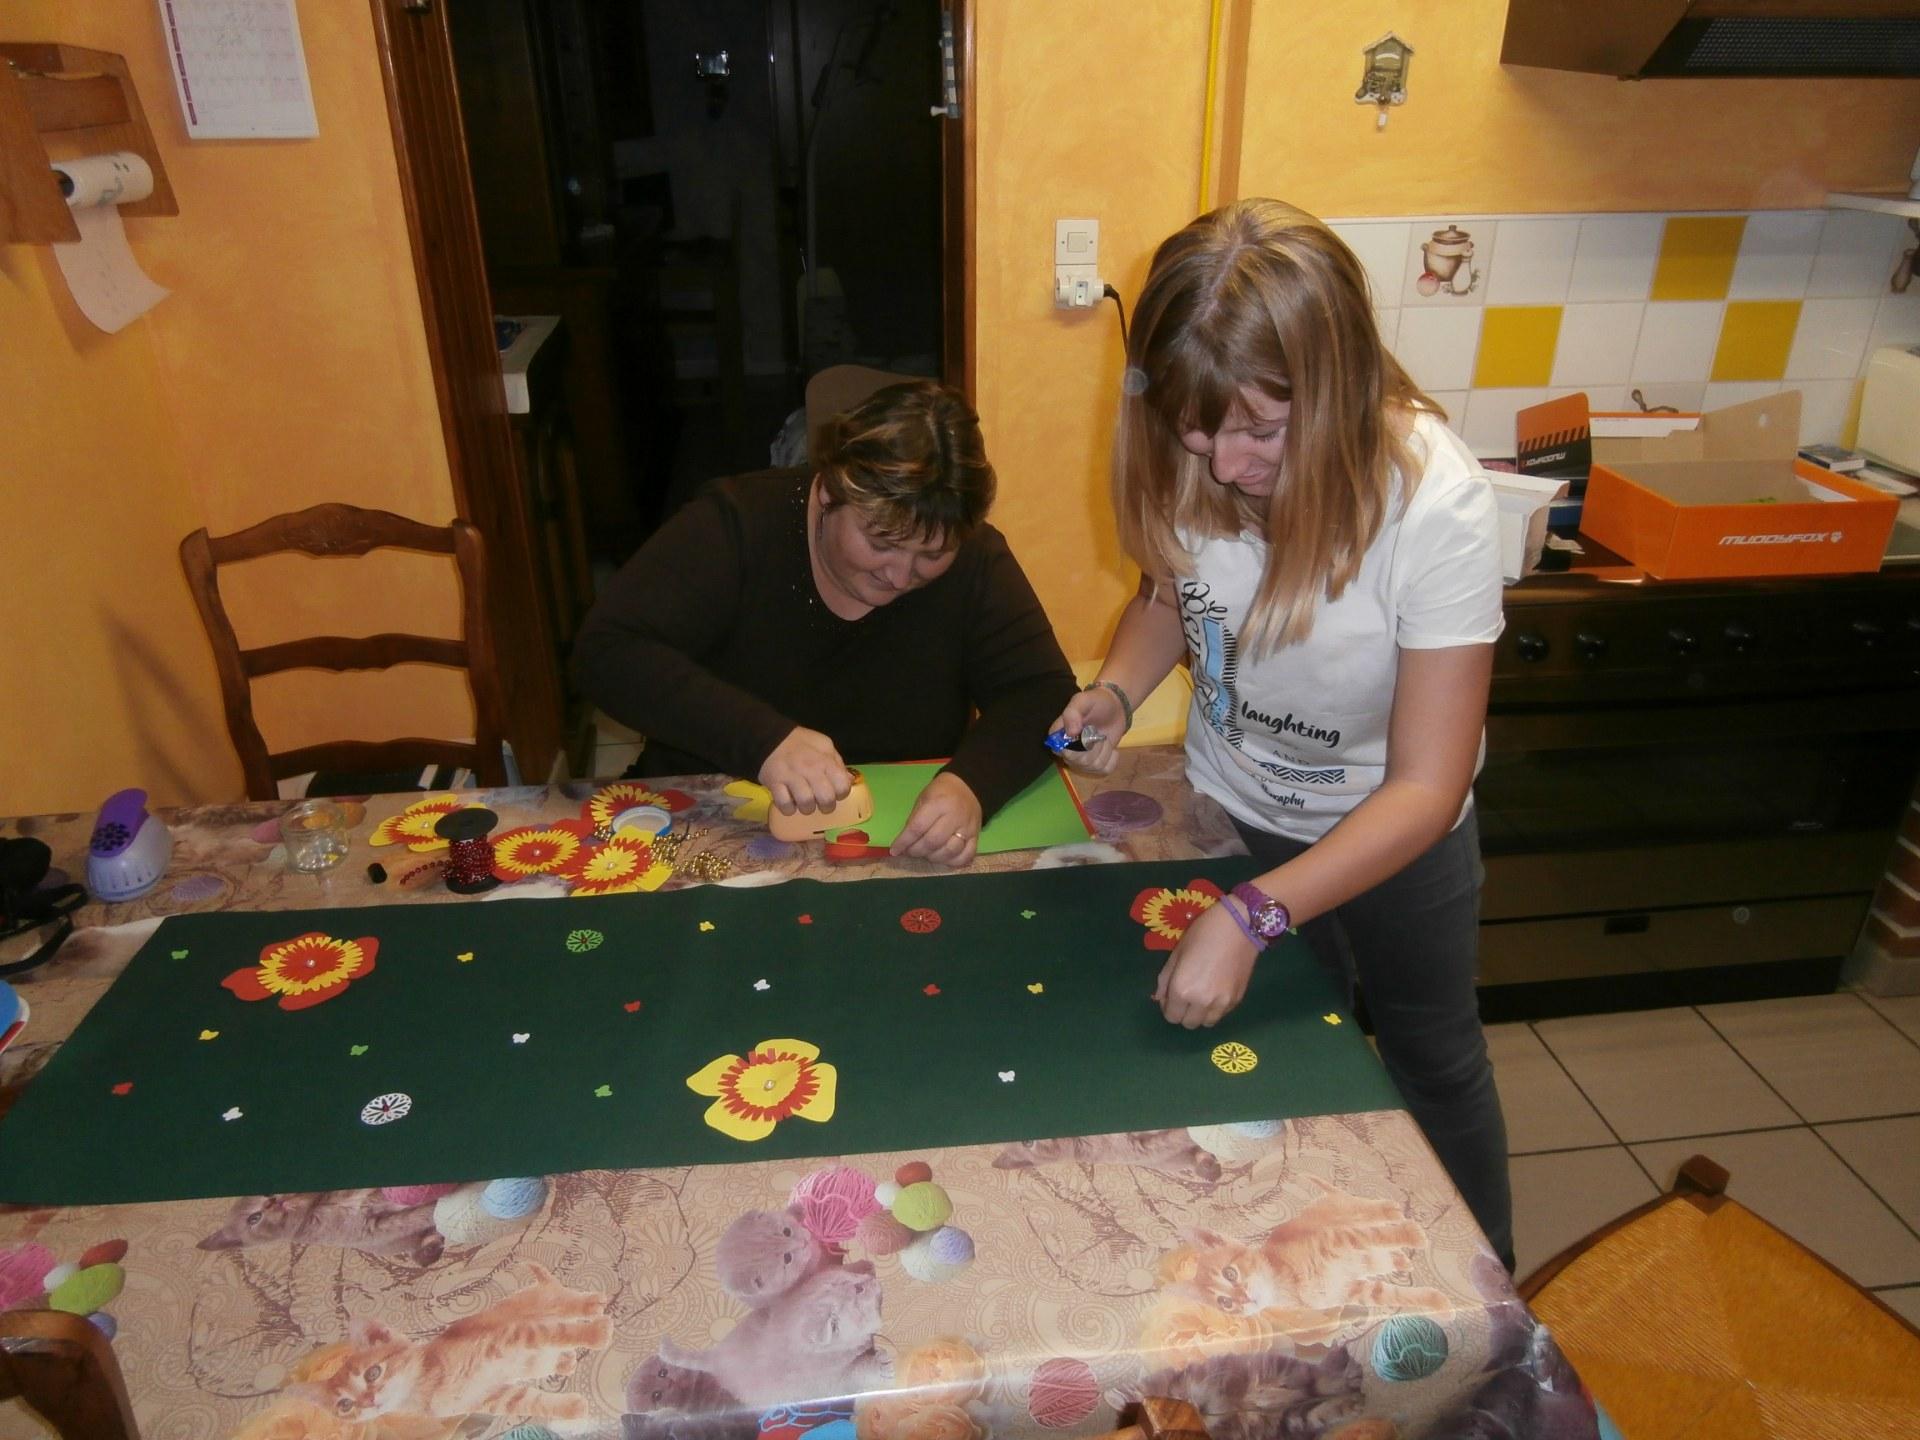 Toute une équipe a participé à la préparation et notamment Rachel et sa maman Christelle, qui ont décoré les tables